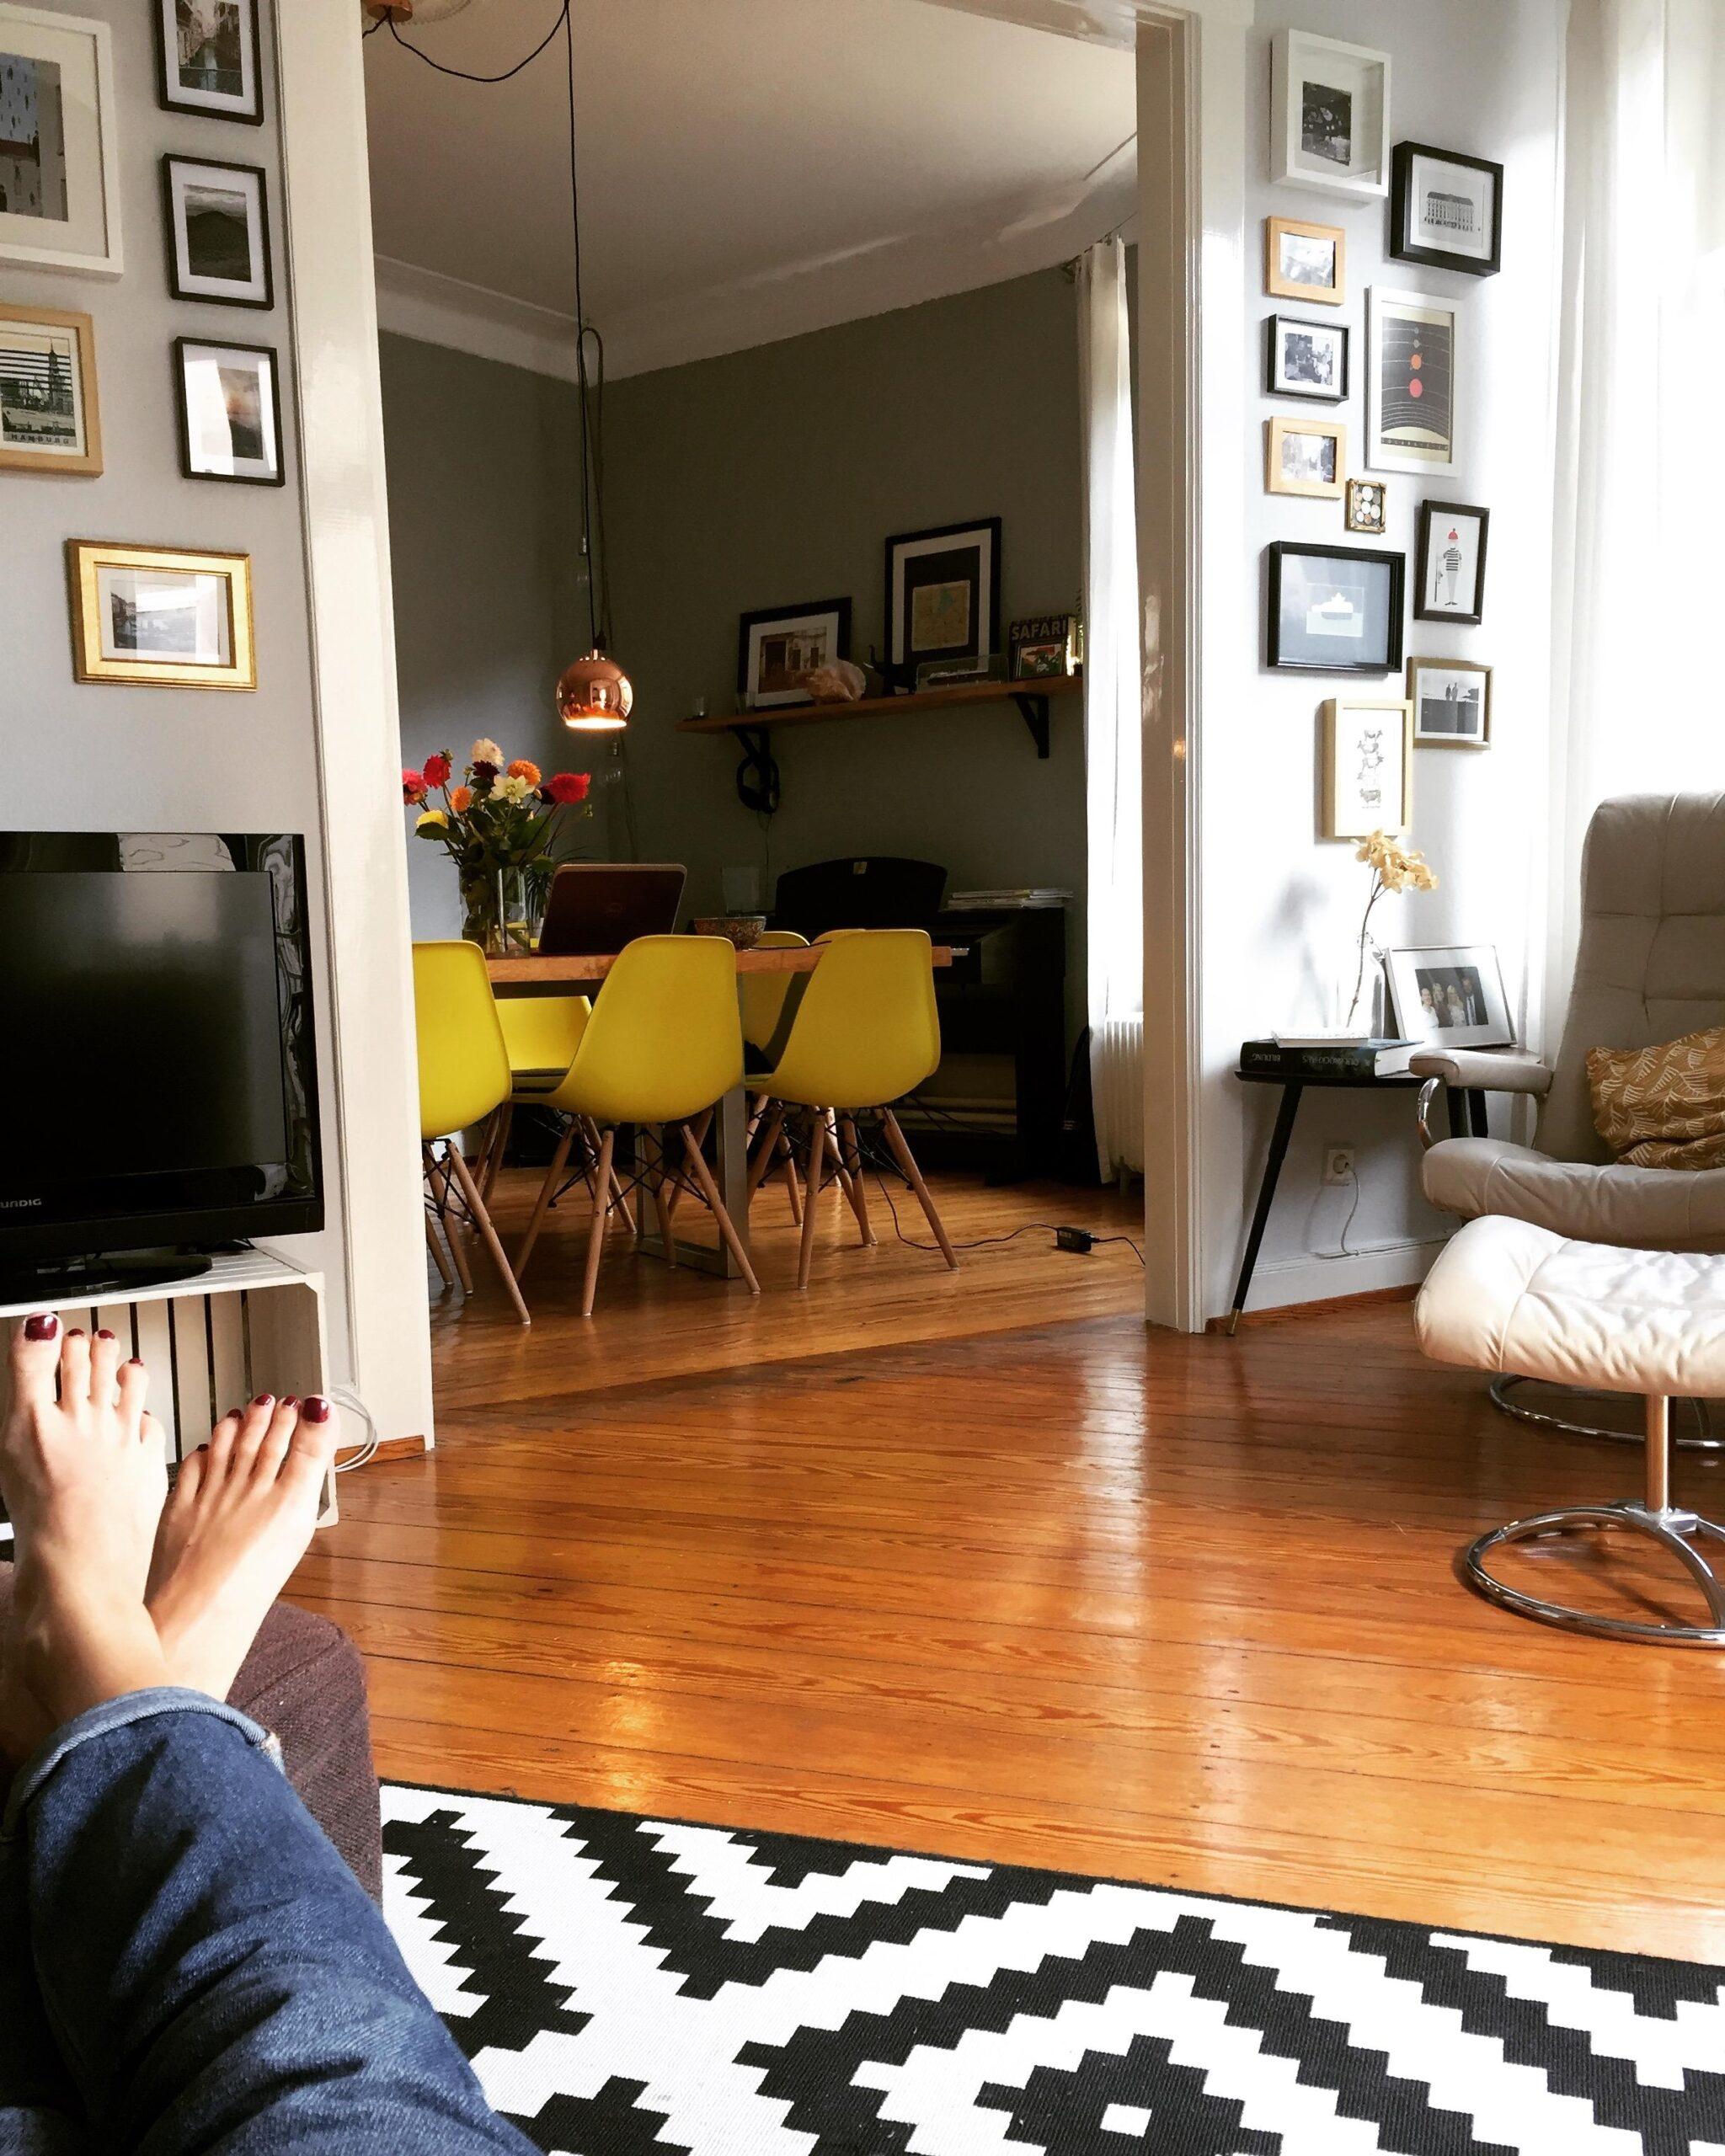 Full Size of Sitzecke Selbst Bauen Kuche Selber Caseconradcom Einbauküche Bodengleiche Dusche Einbauen Neue Fenster Nachträglich Rolladen Kopfteil Bett Küche 140x200 Wohnzimmer Sitzecke Selbst Bauen